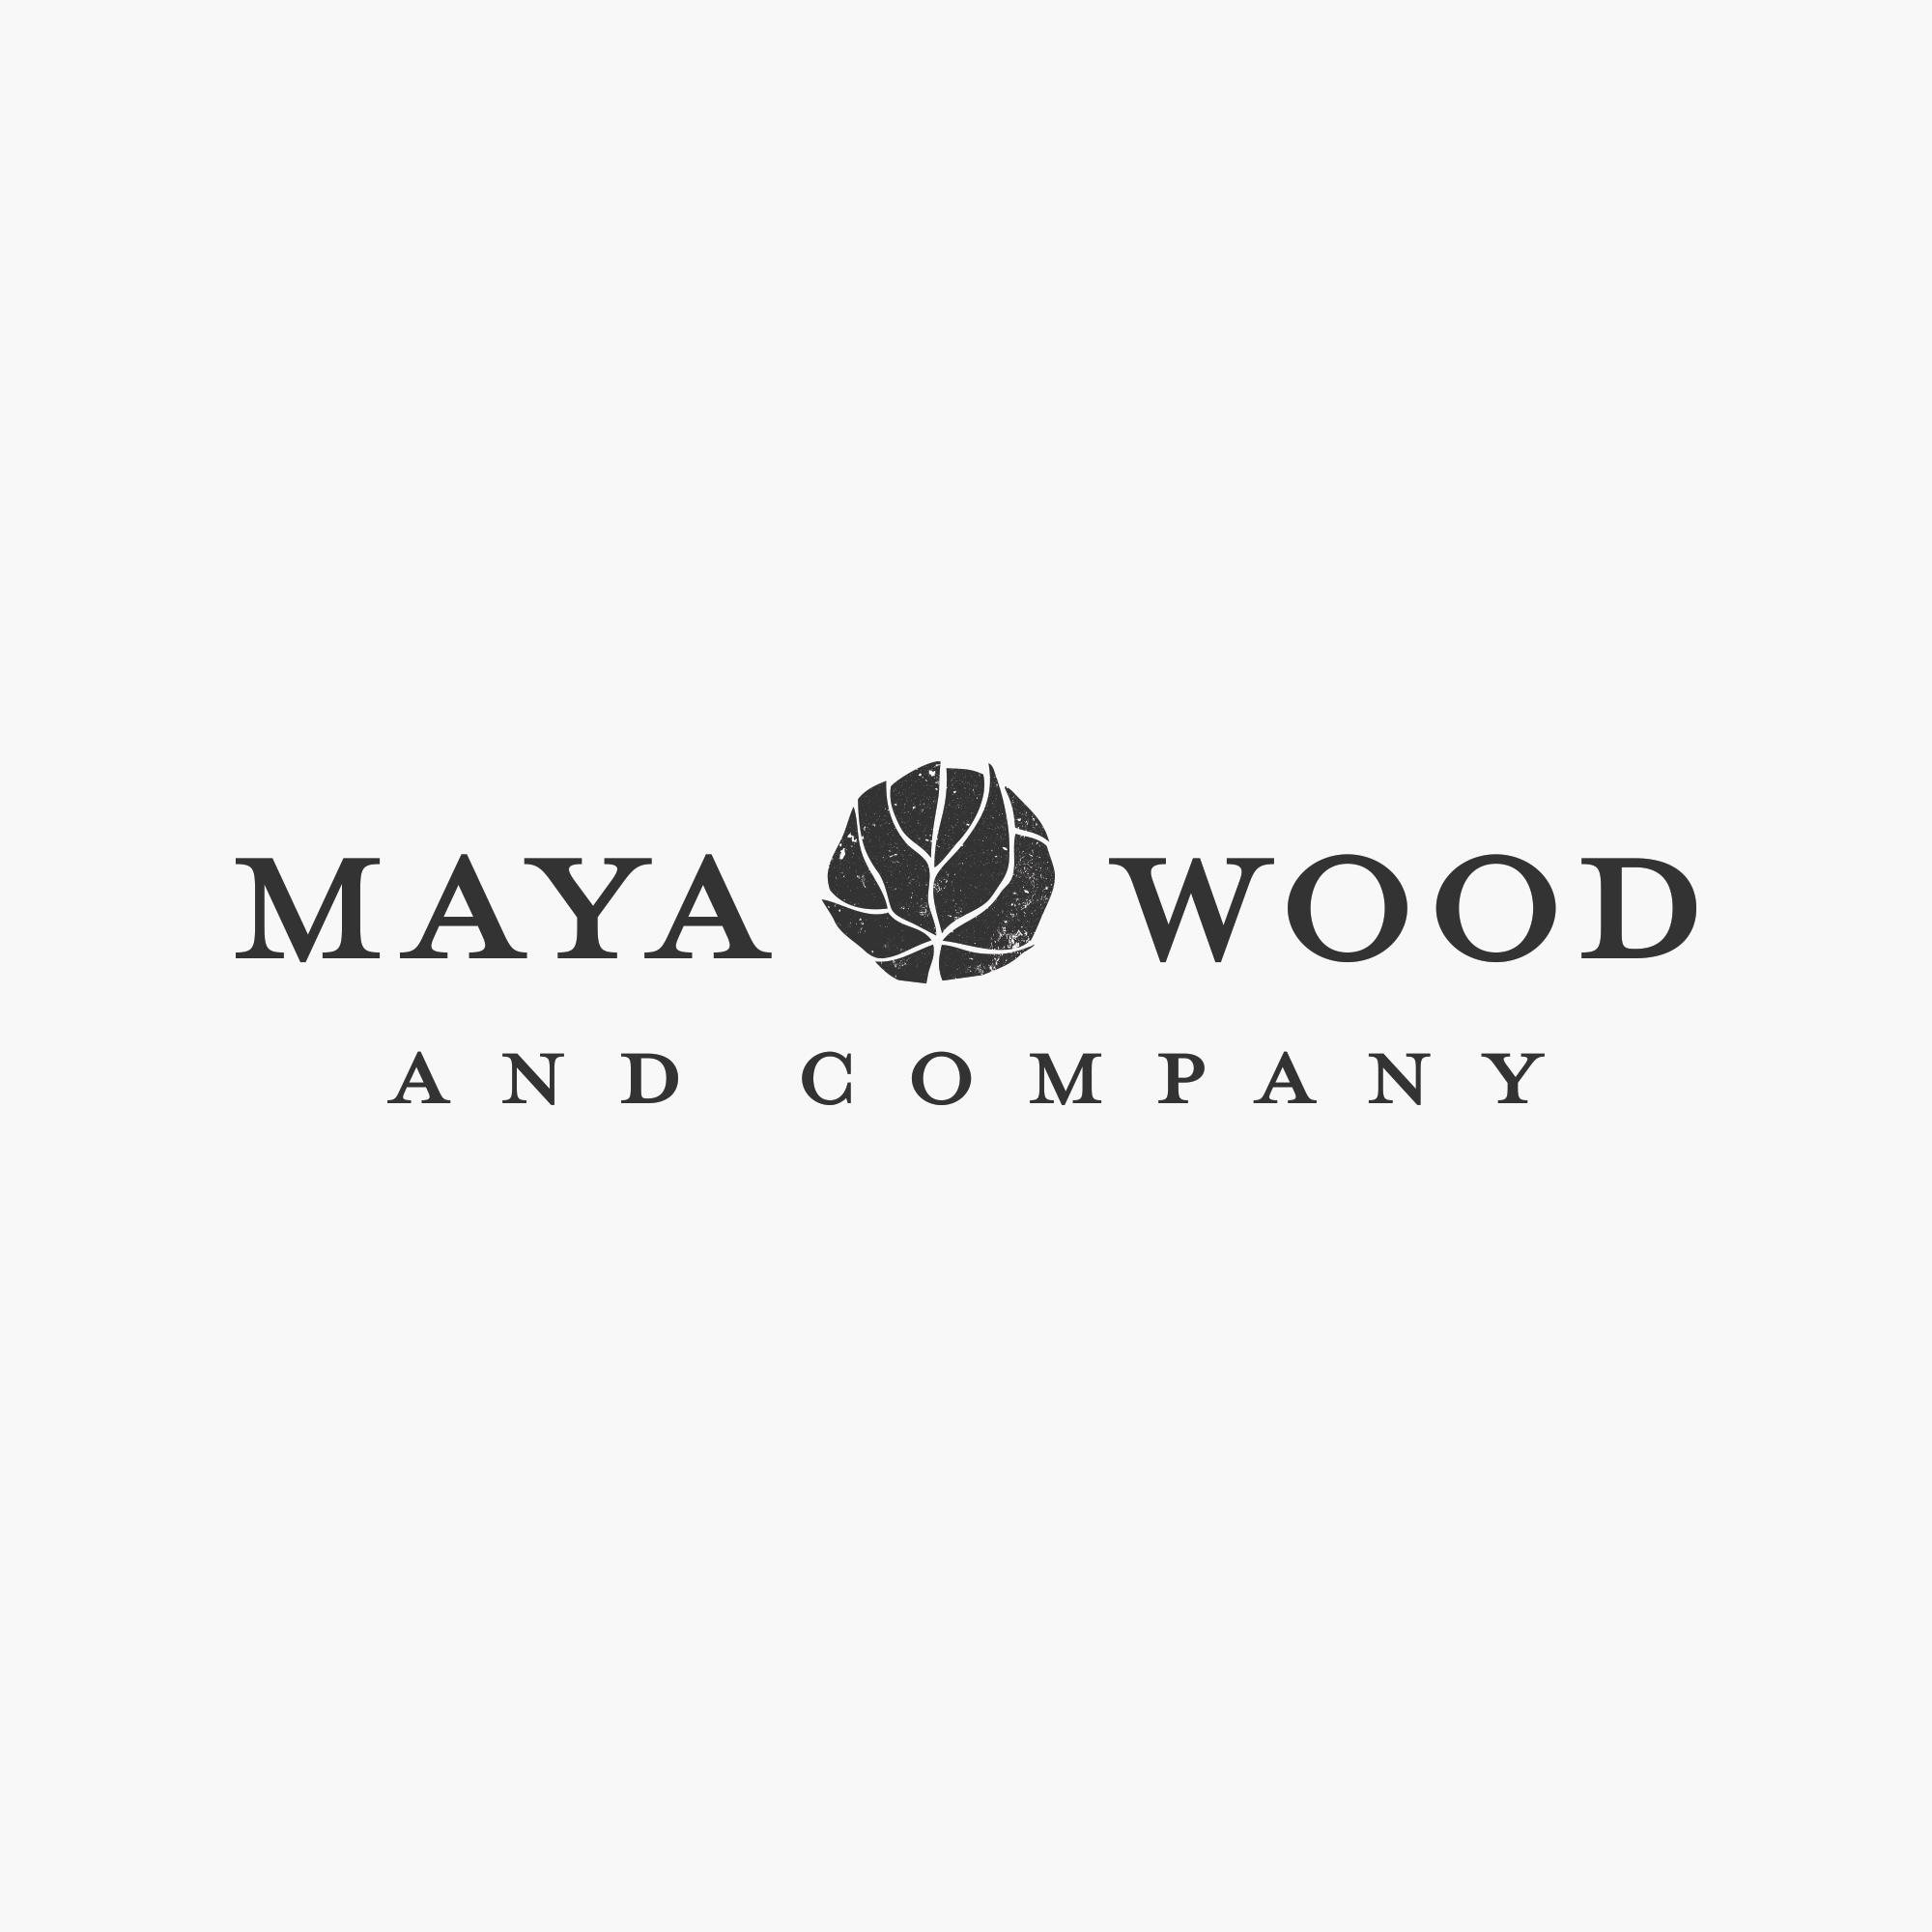 Logos_MayaWoodandCompany@2x.png